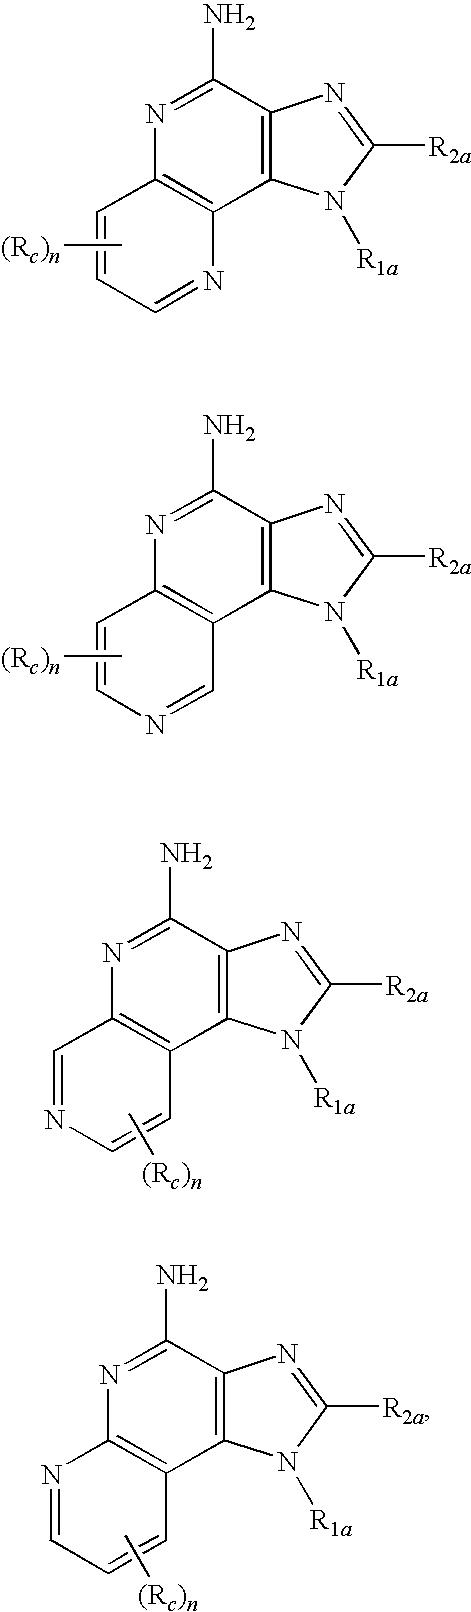 Figure US20090270443A1-20091029-C00073